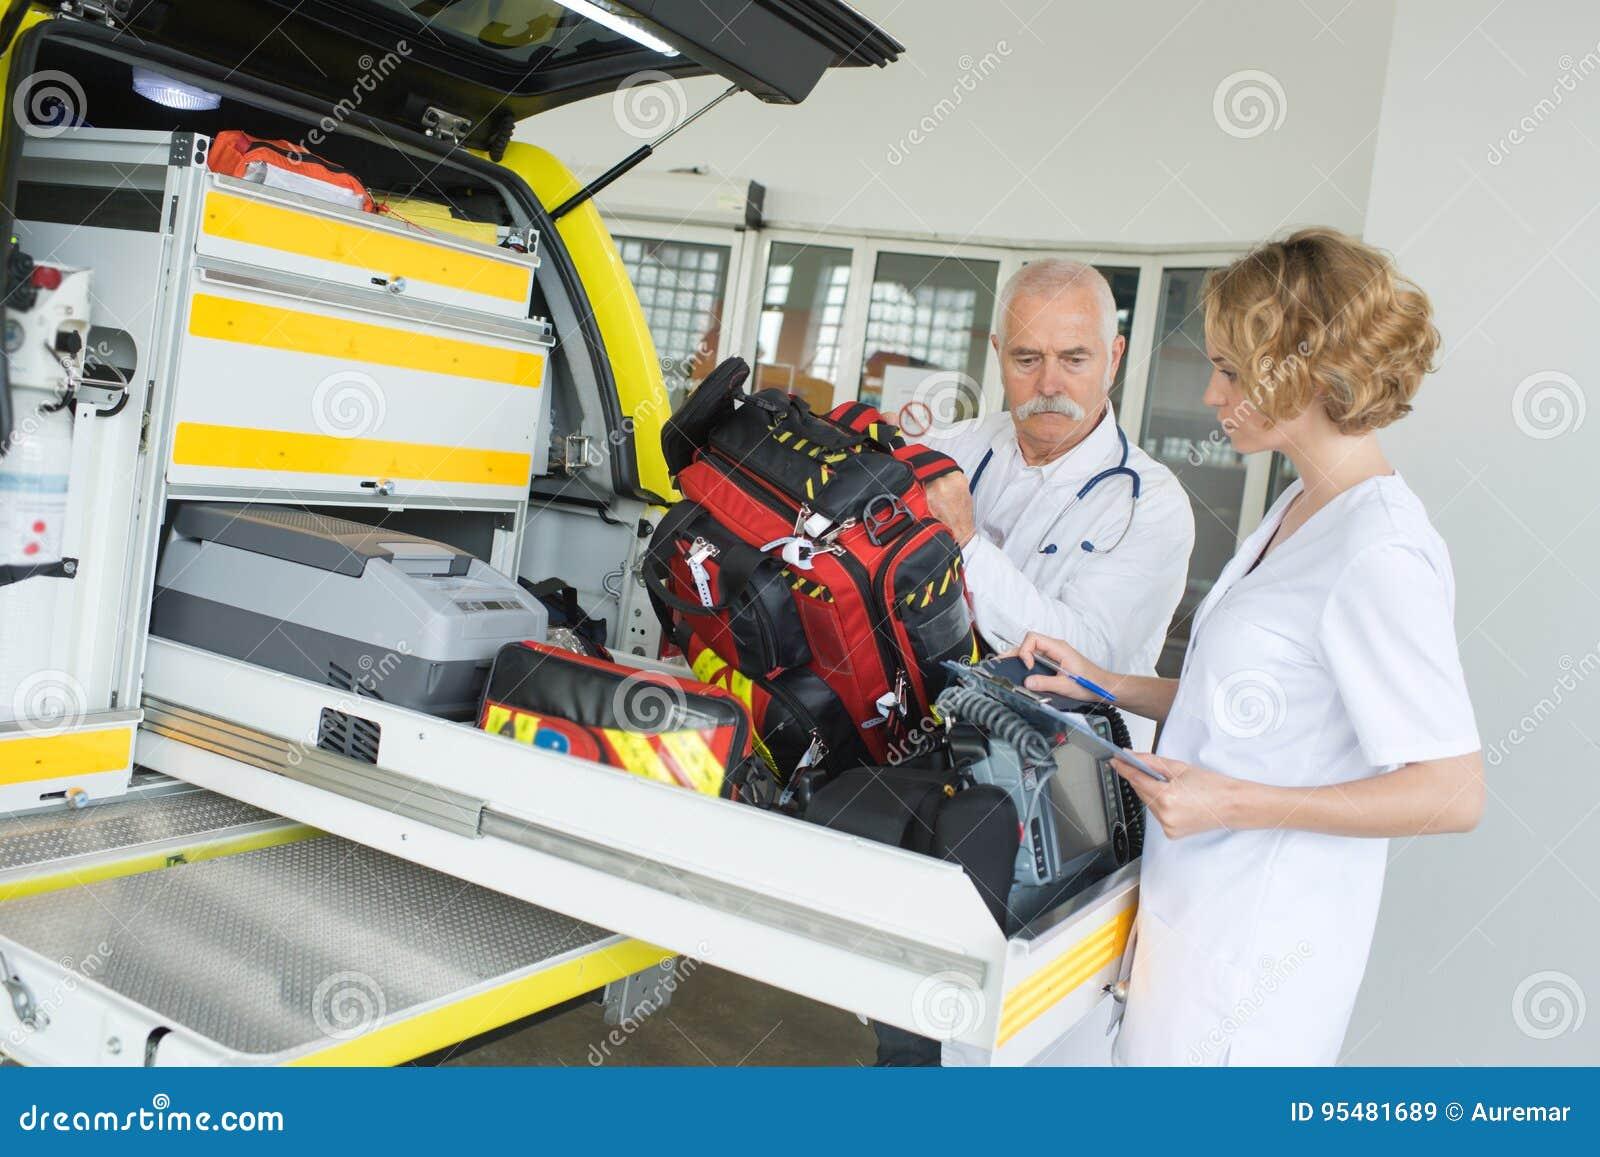 Ziekenwagen verpleegster en artsenverpakkingstoestel in voertuig